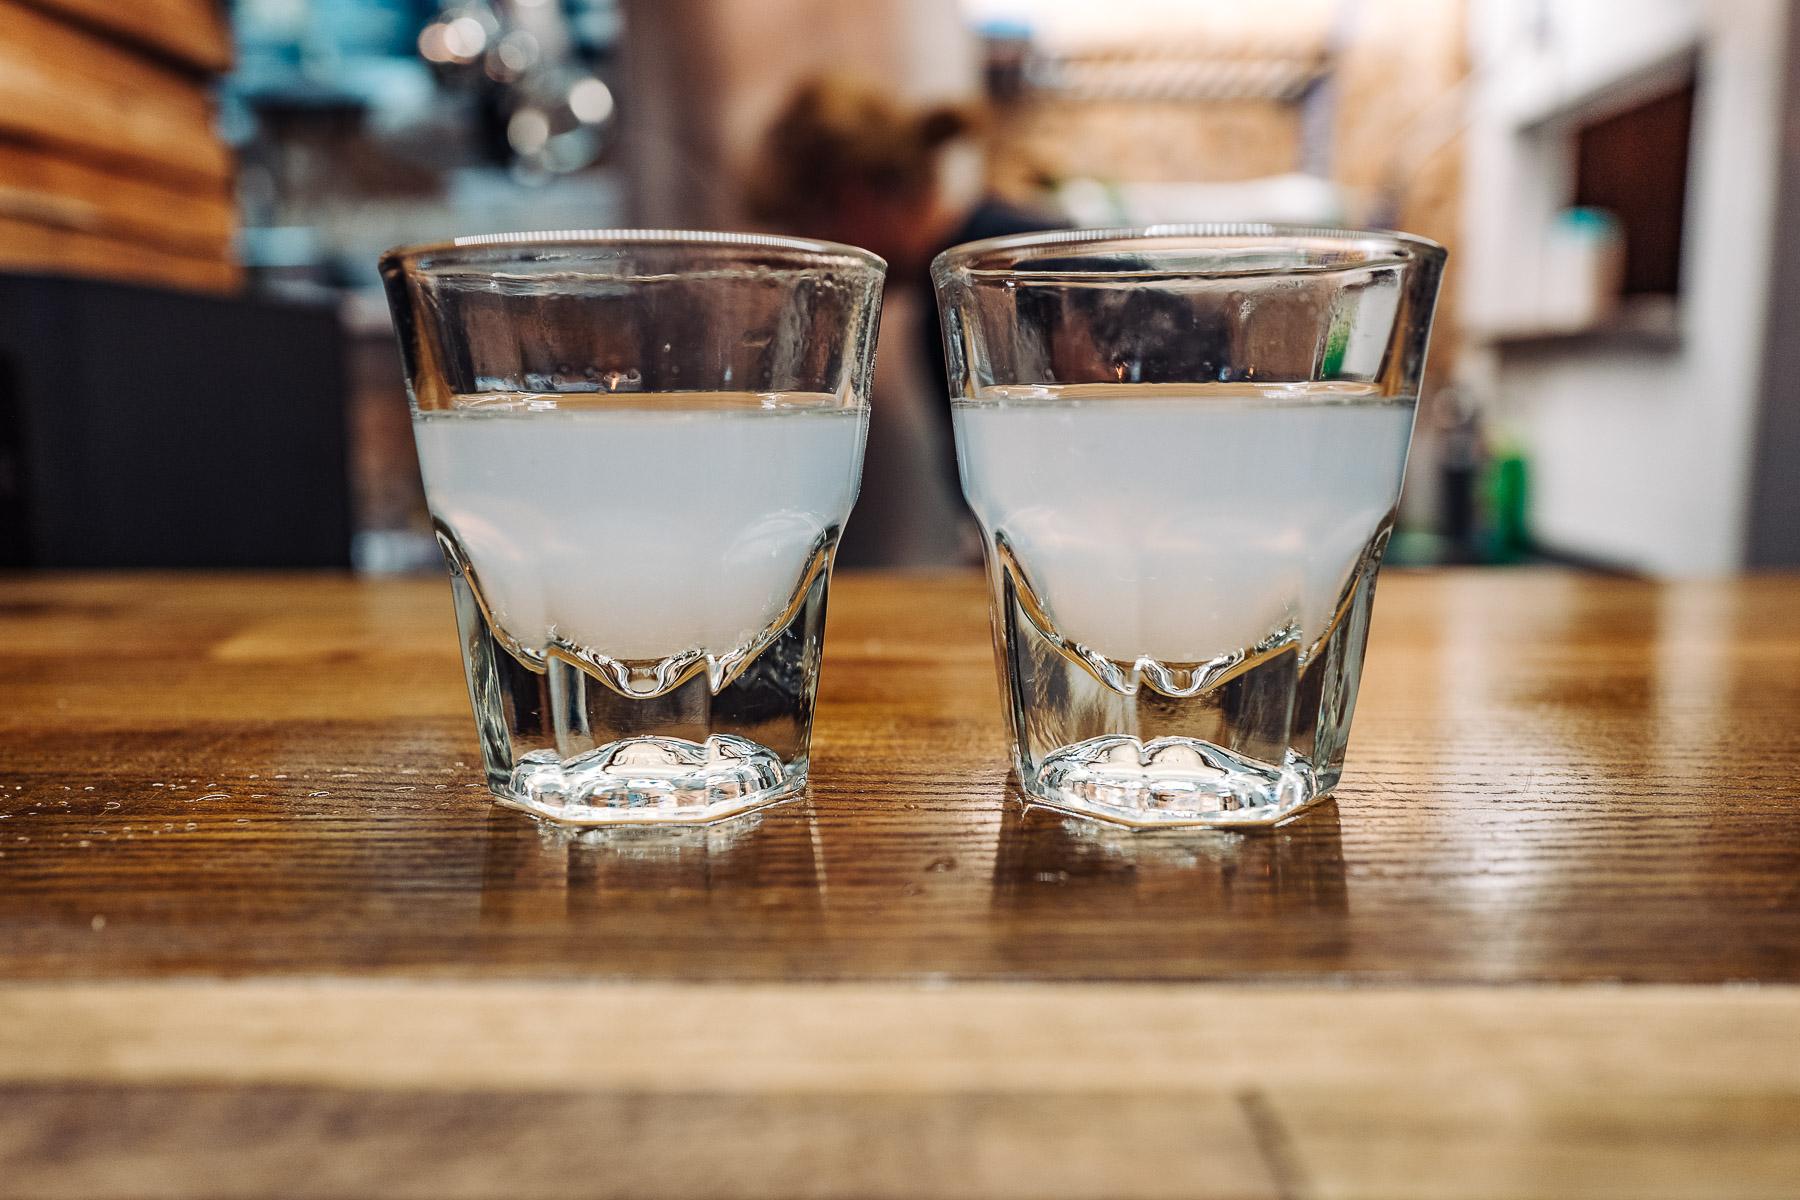 sobayu - gorąca woda po gotowaniu soby